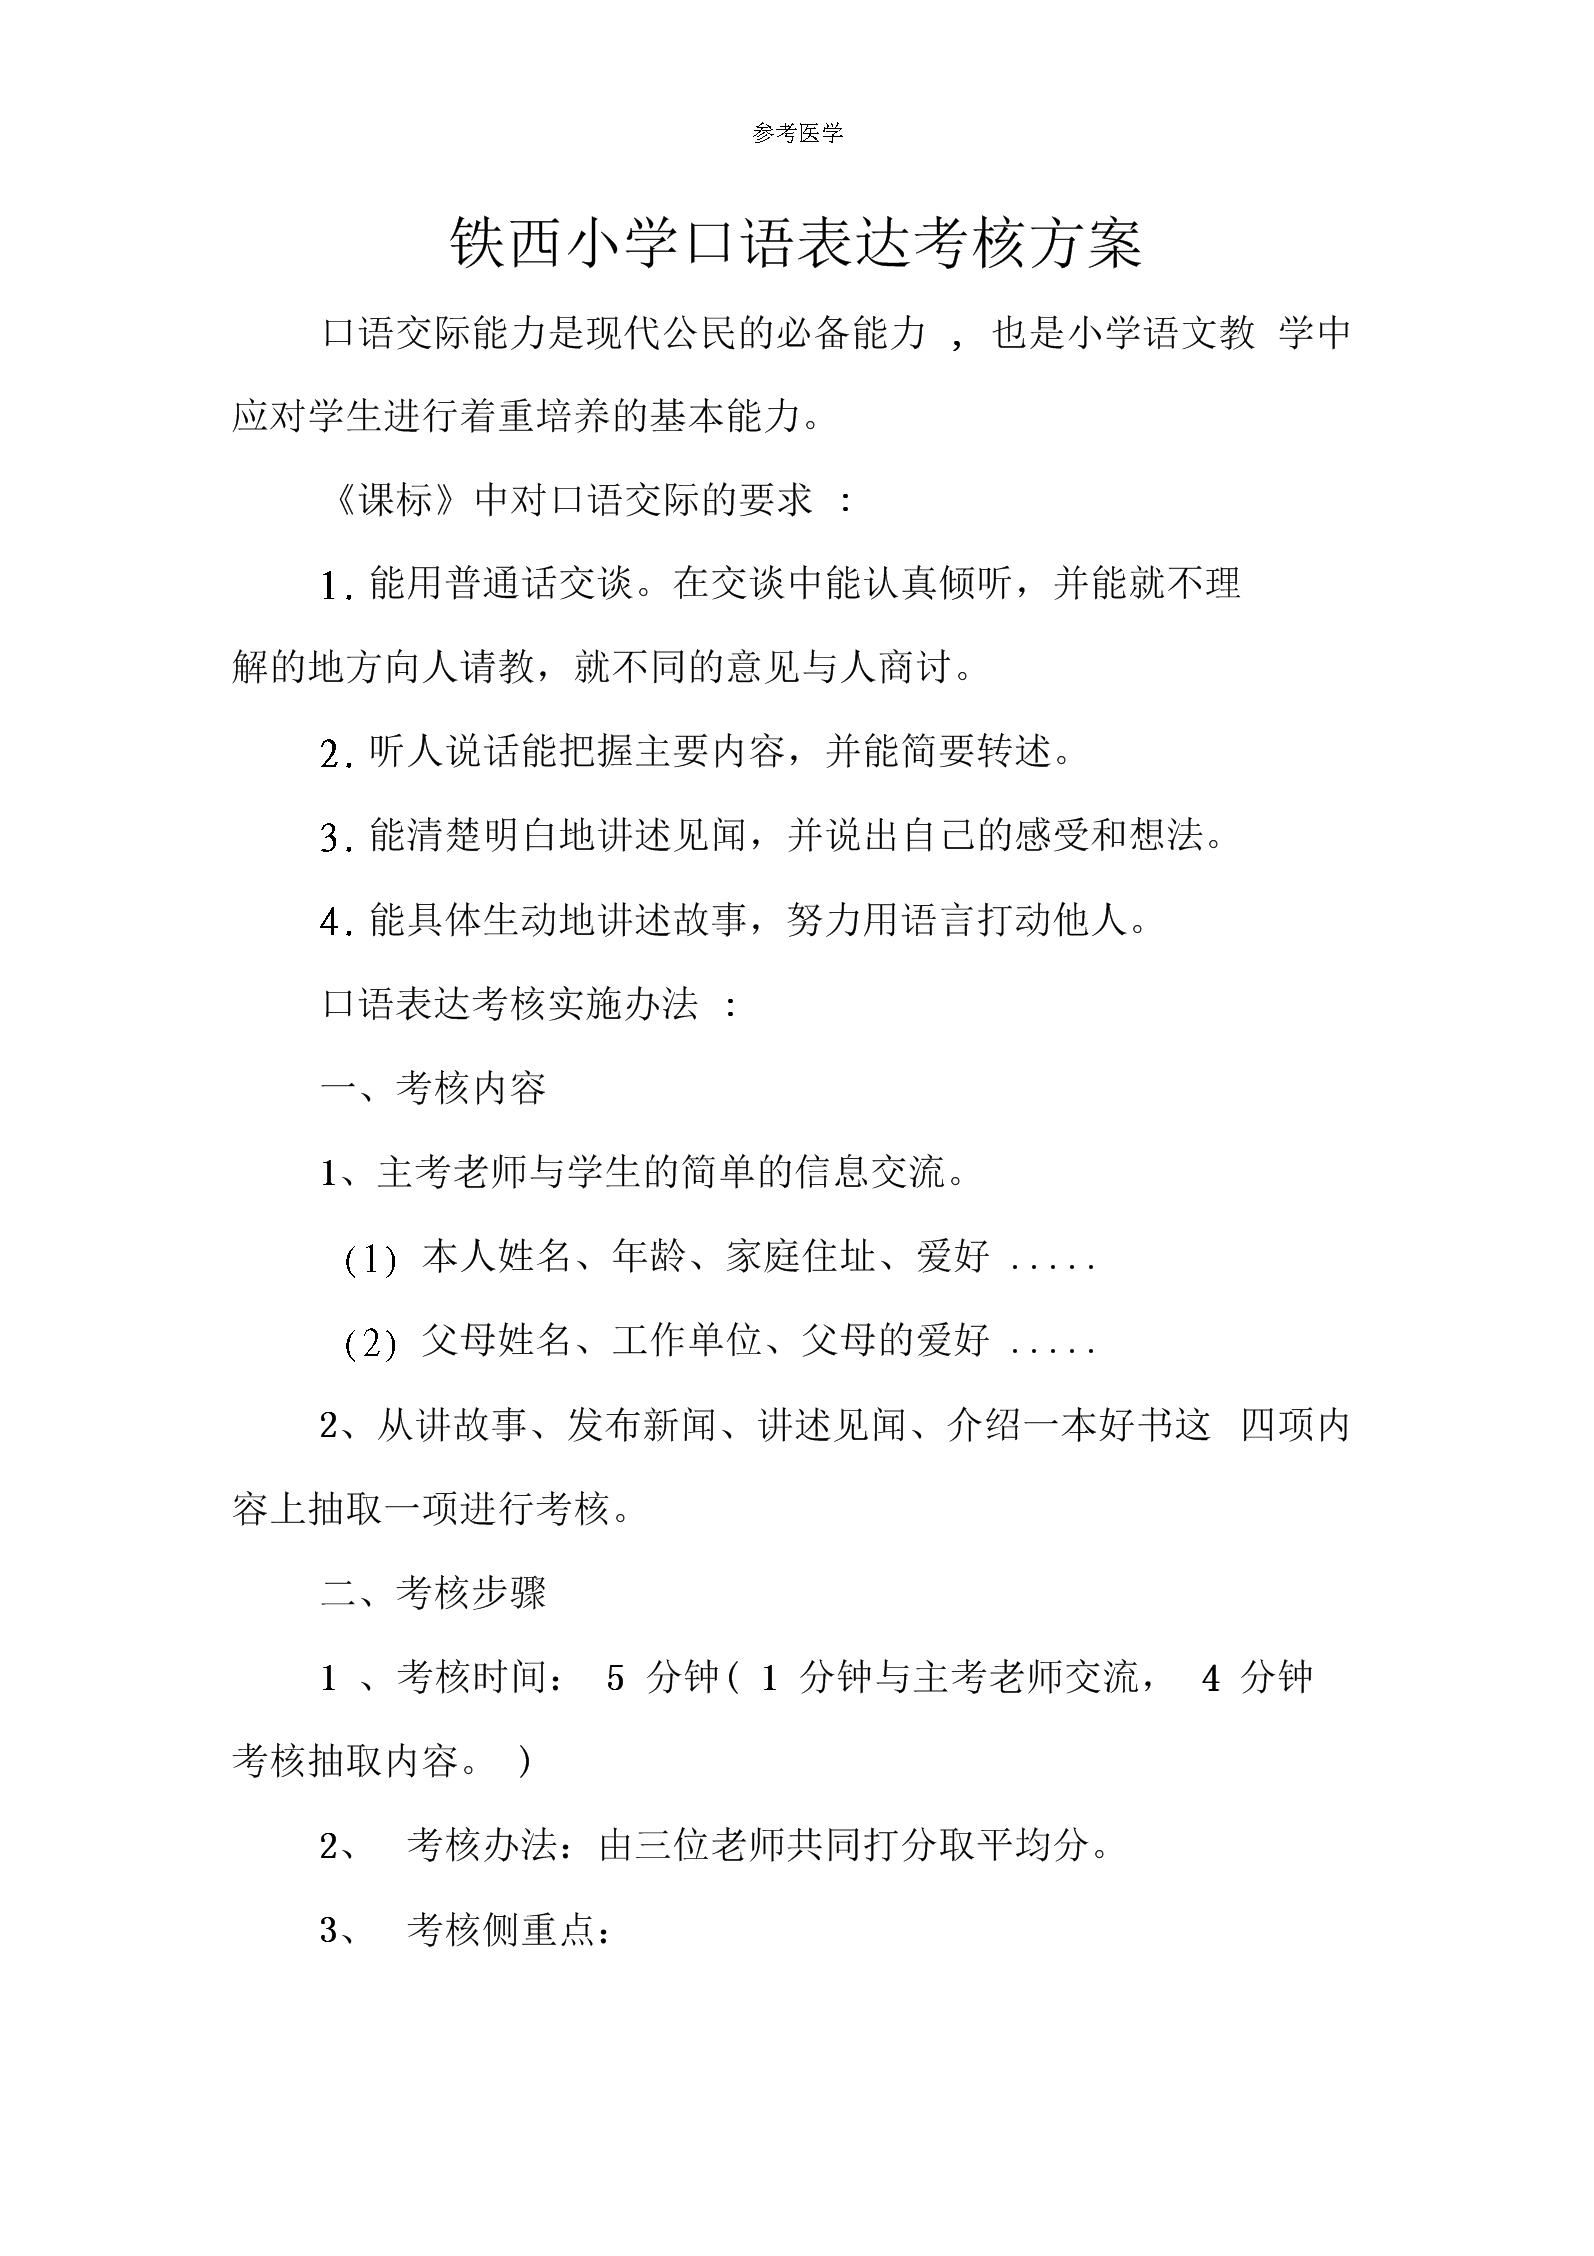 2015鐵西小學口語表達考核方案.docx